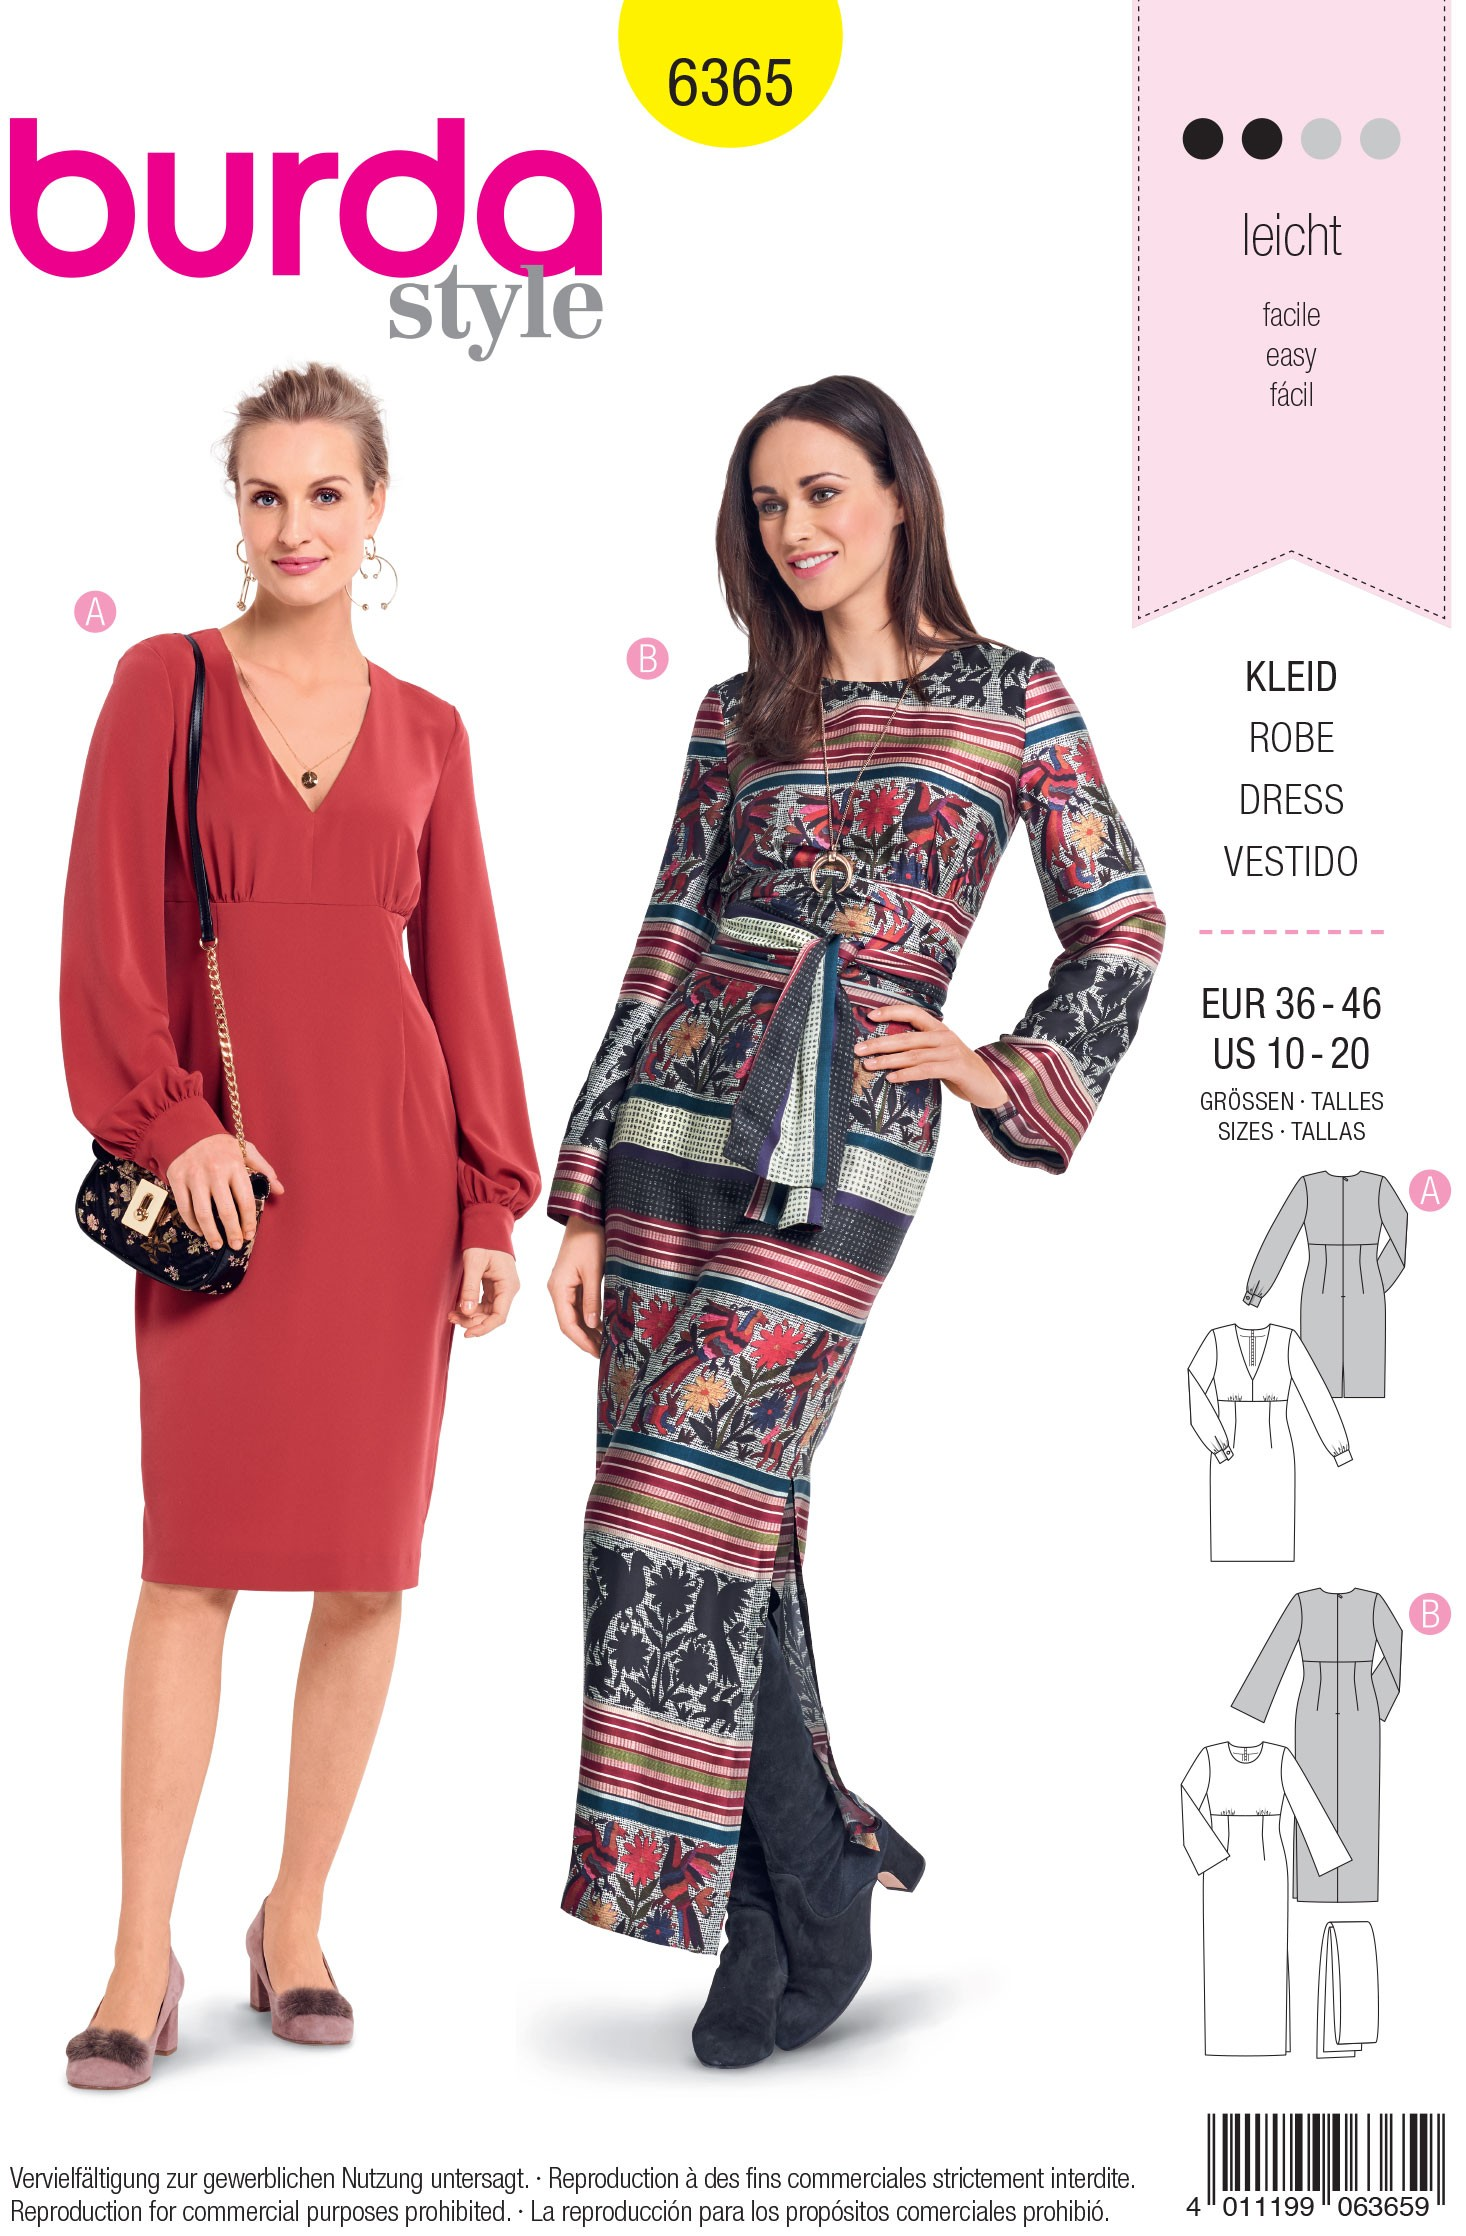 Burda Sewing Pattern 6365 Woman's Semi Form Fitting V Neck Dress